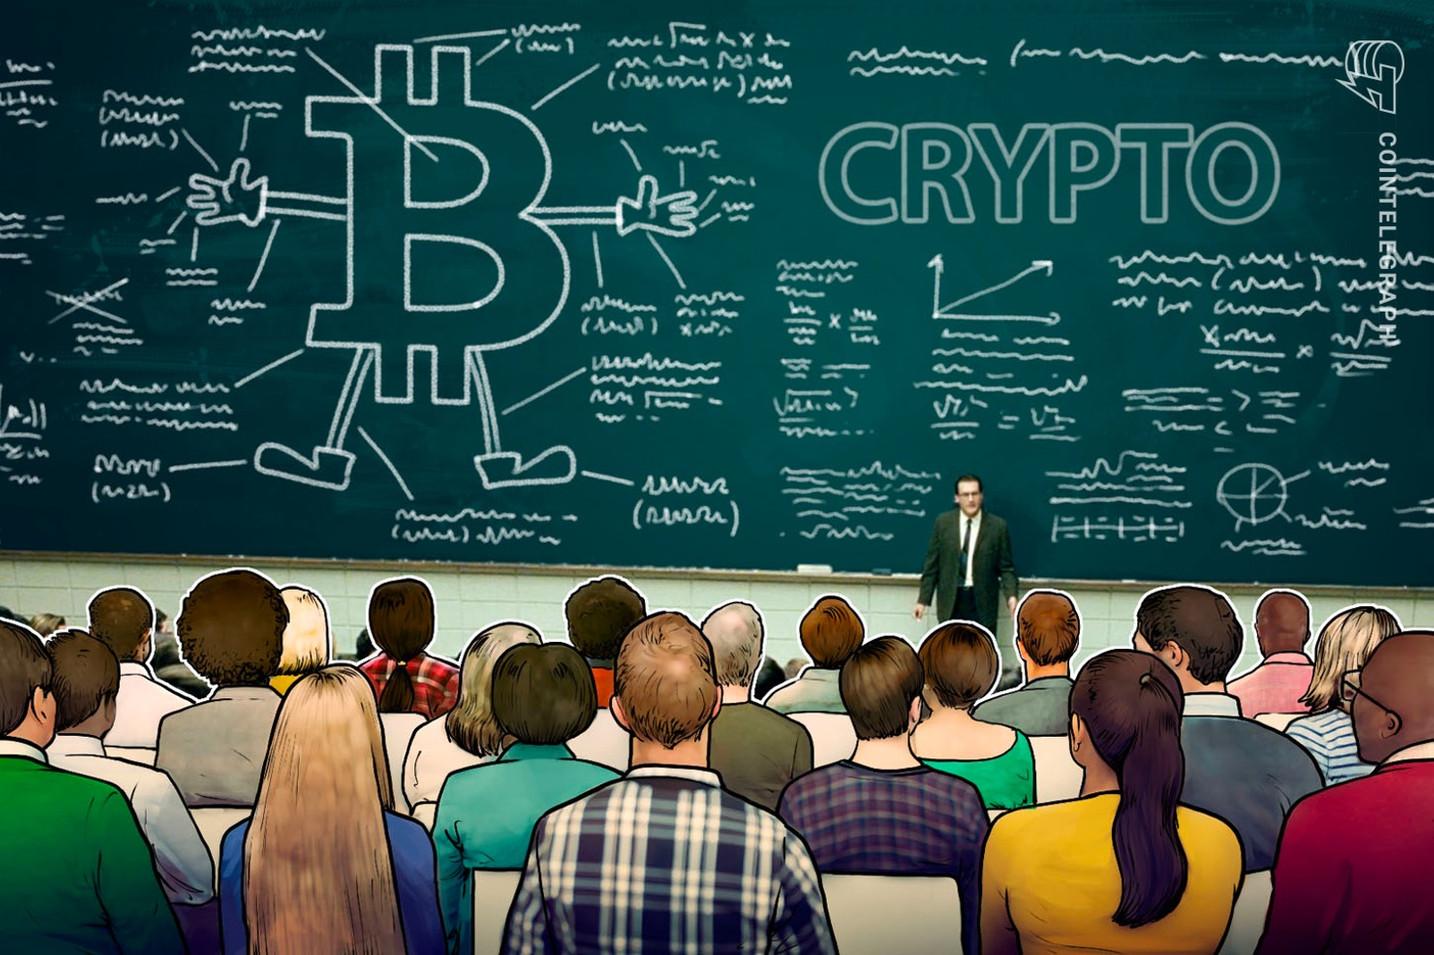 アンドリーセン・ホロウィッツが仮想通貨スクールを来年開校|講師にパラダイムやフェイスブックのカリブラ【ニュース】